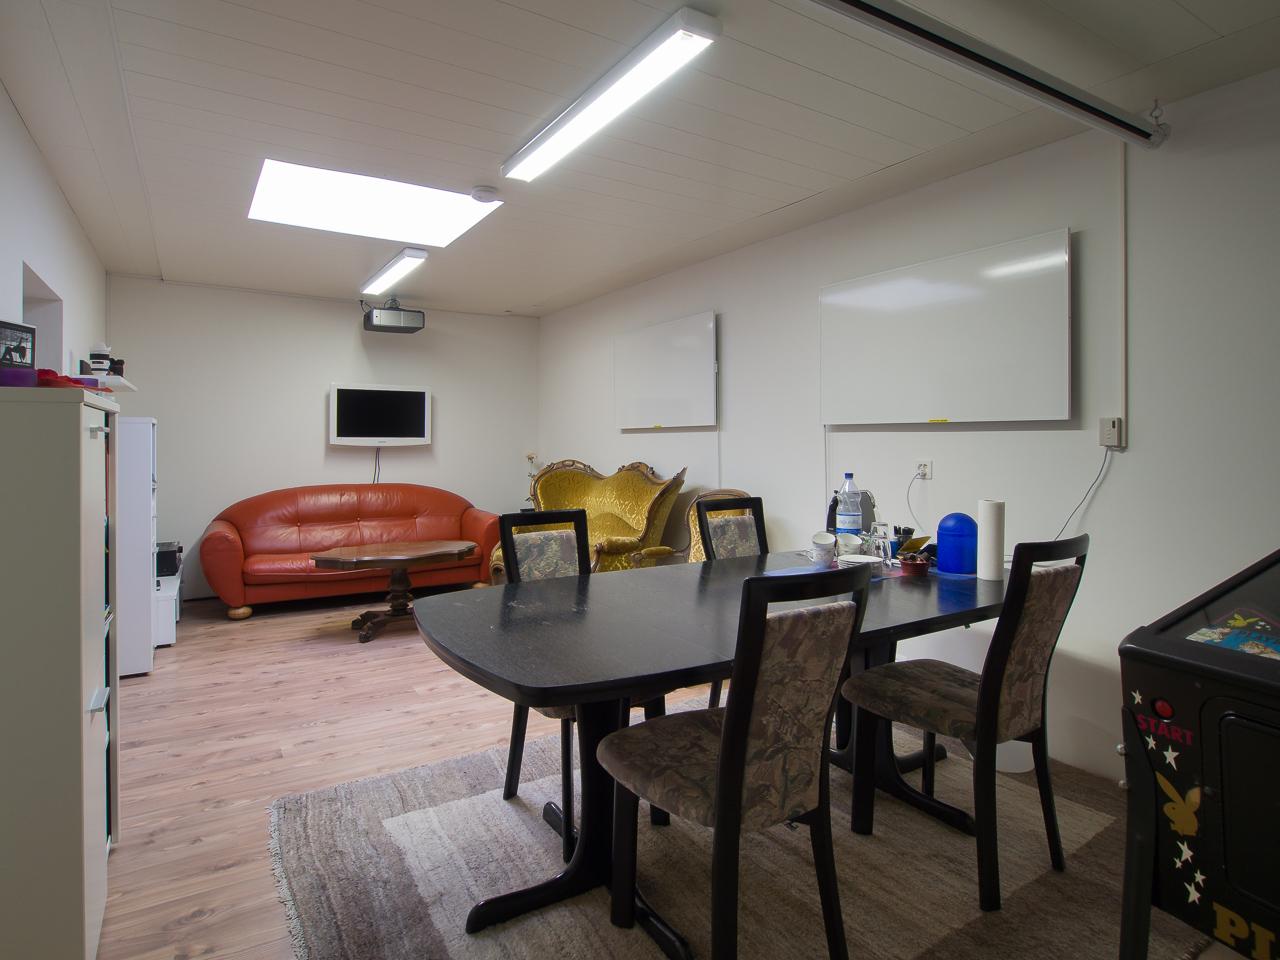 Unser Einstieg ins Airbnb Business   Technikfreak